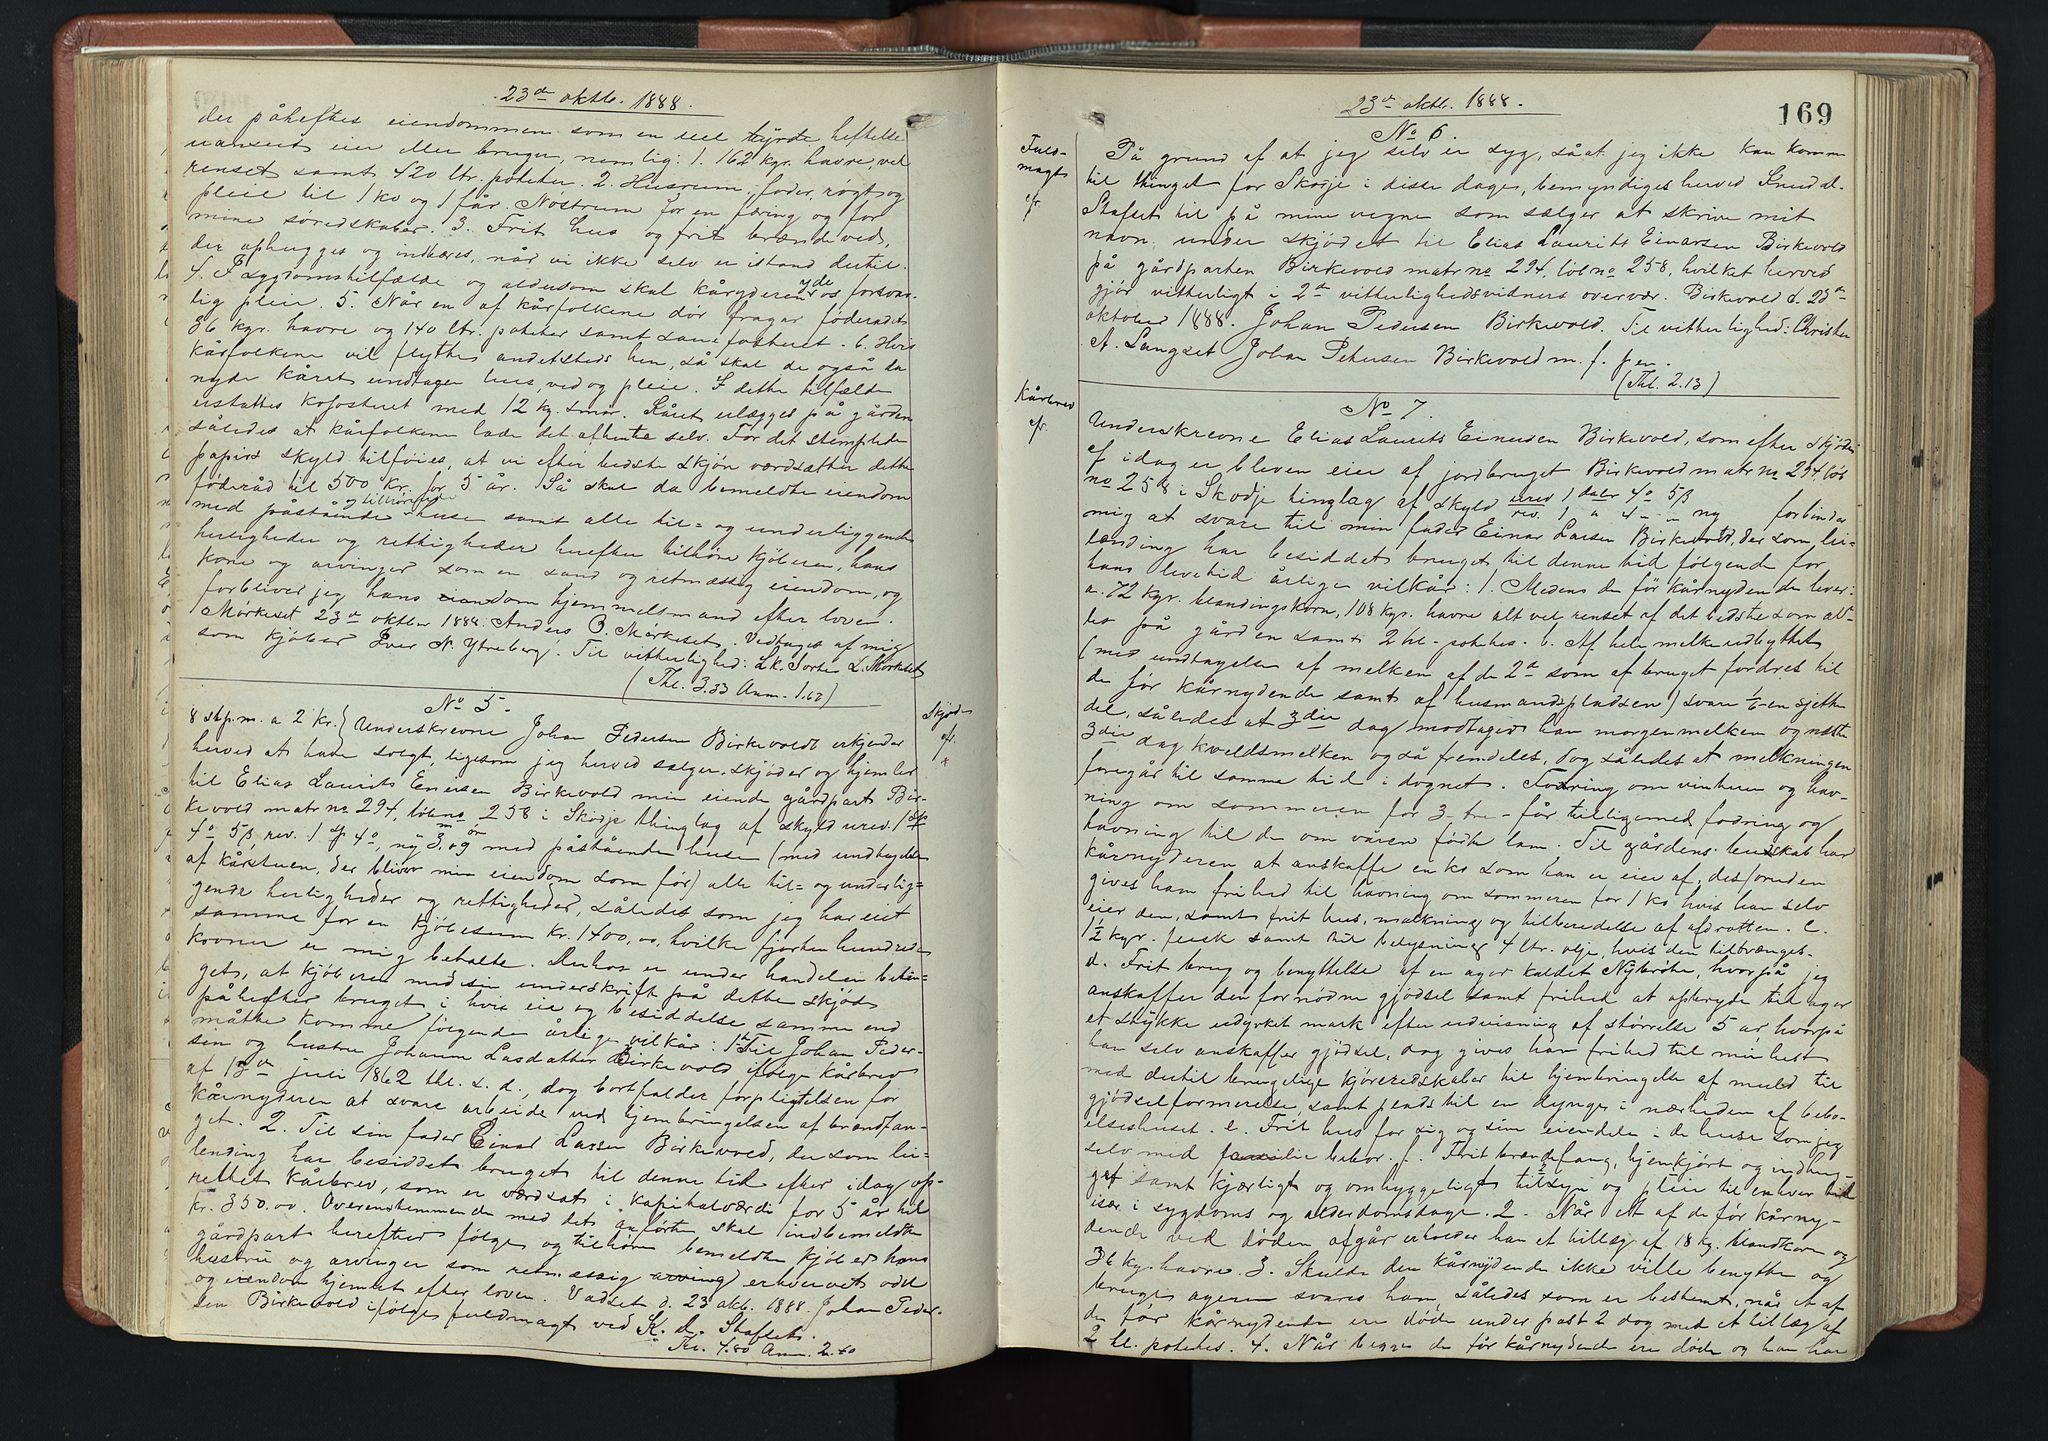 SAT, Nordre Sunnmøre sorenskriveri, 2/2C/2Ca/L0019: Pantebok nr. 21, 1887-1891, s. 169